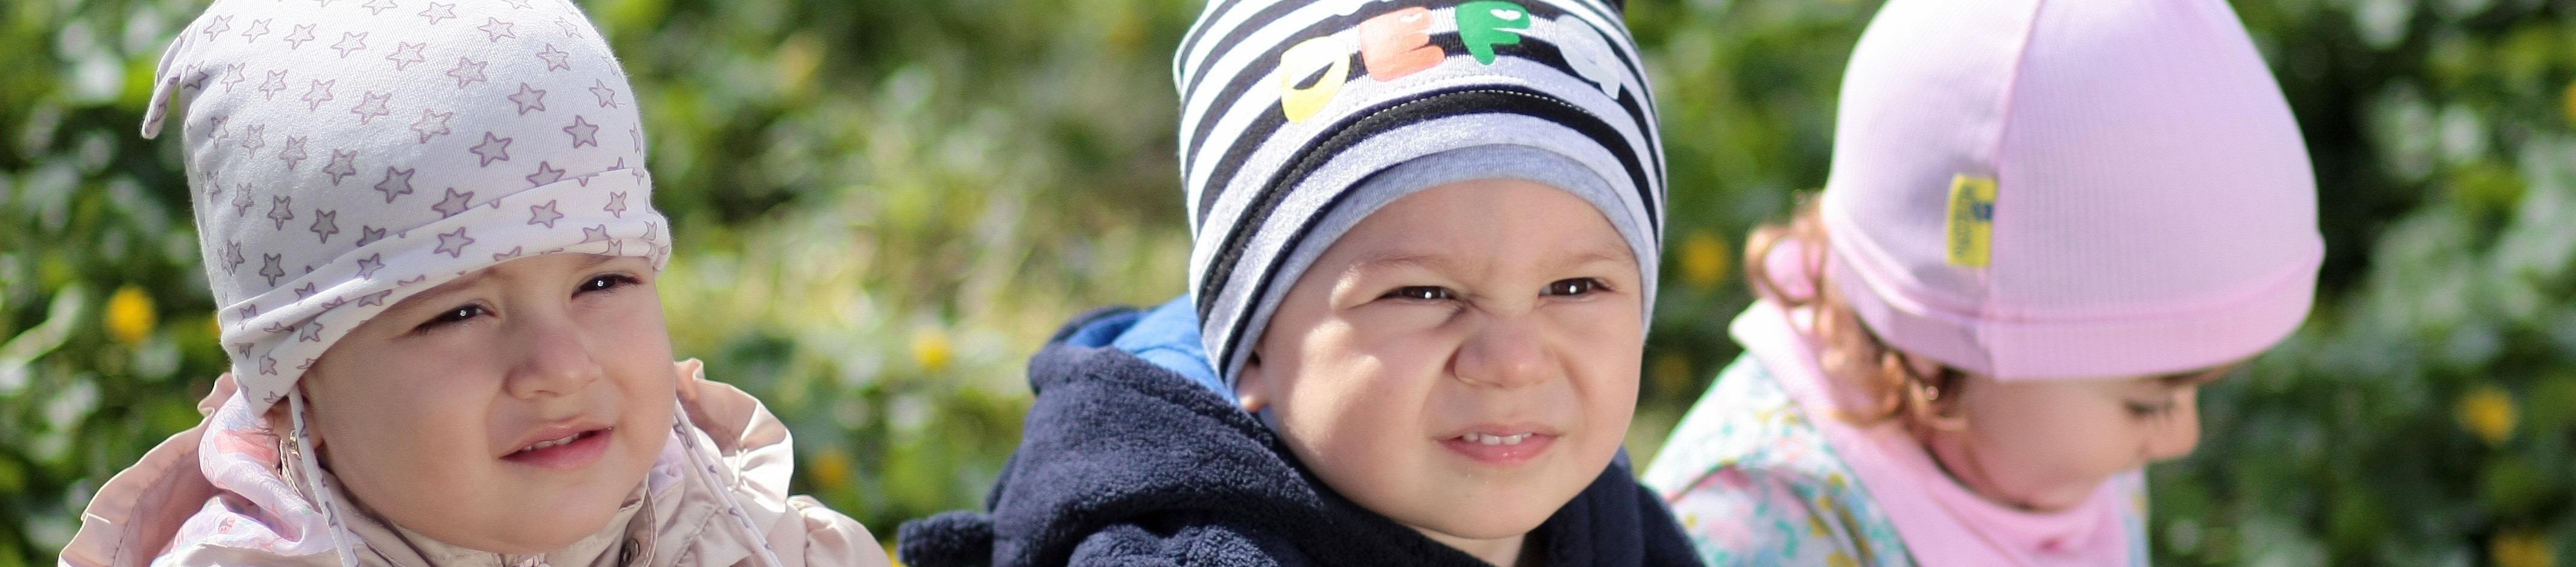 EnfantModphotos gratuites libres de droits usage commercial 37